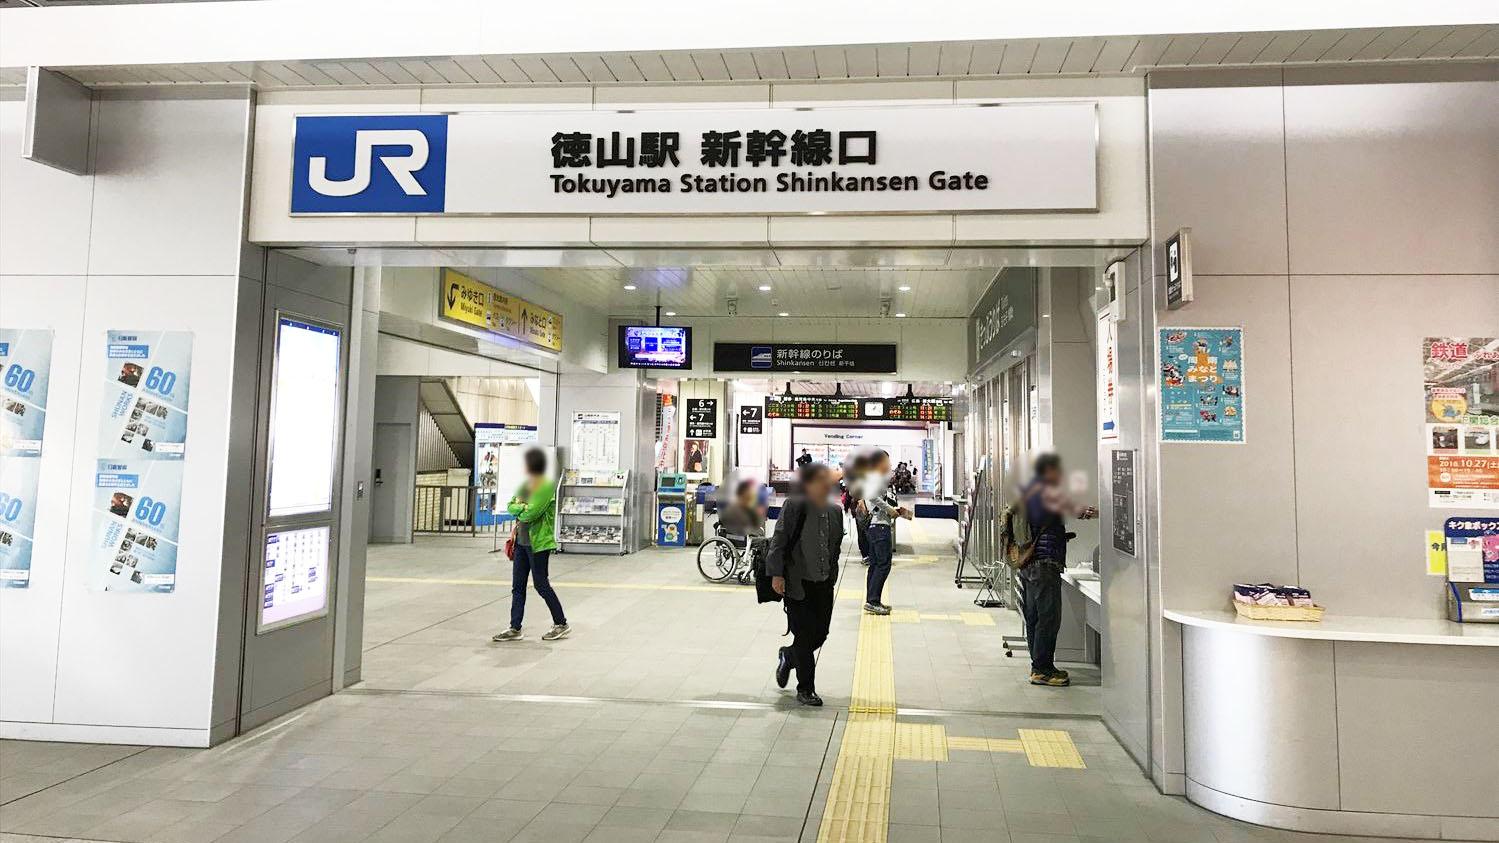 徳山駅新幹線口改札